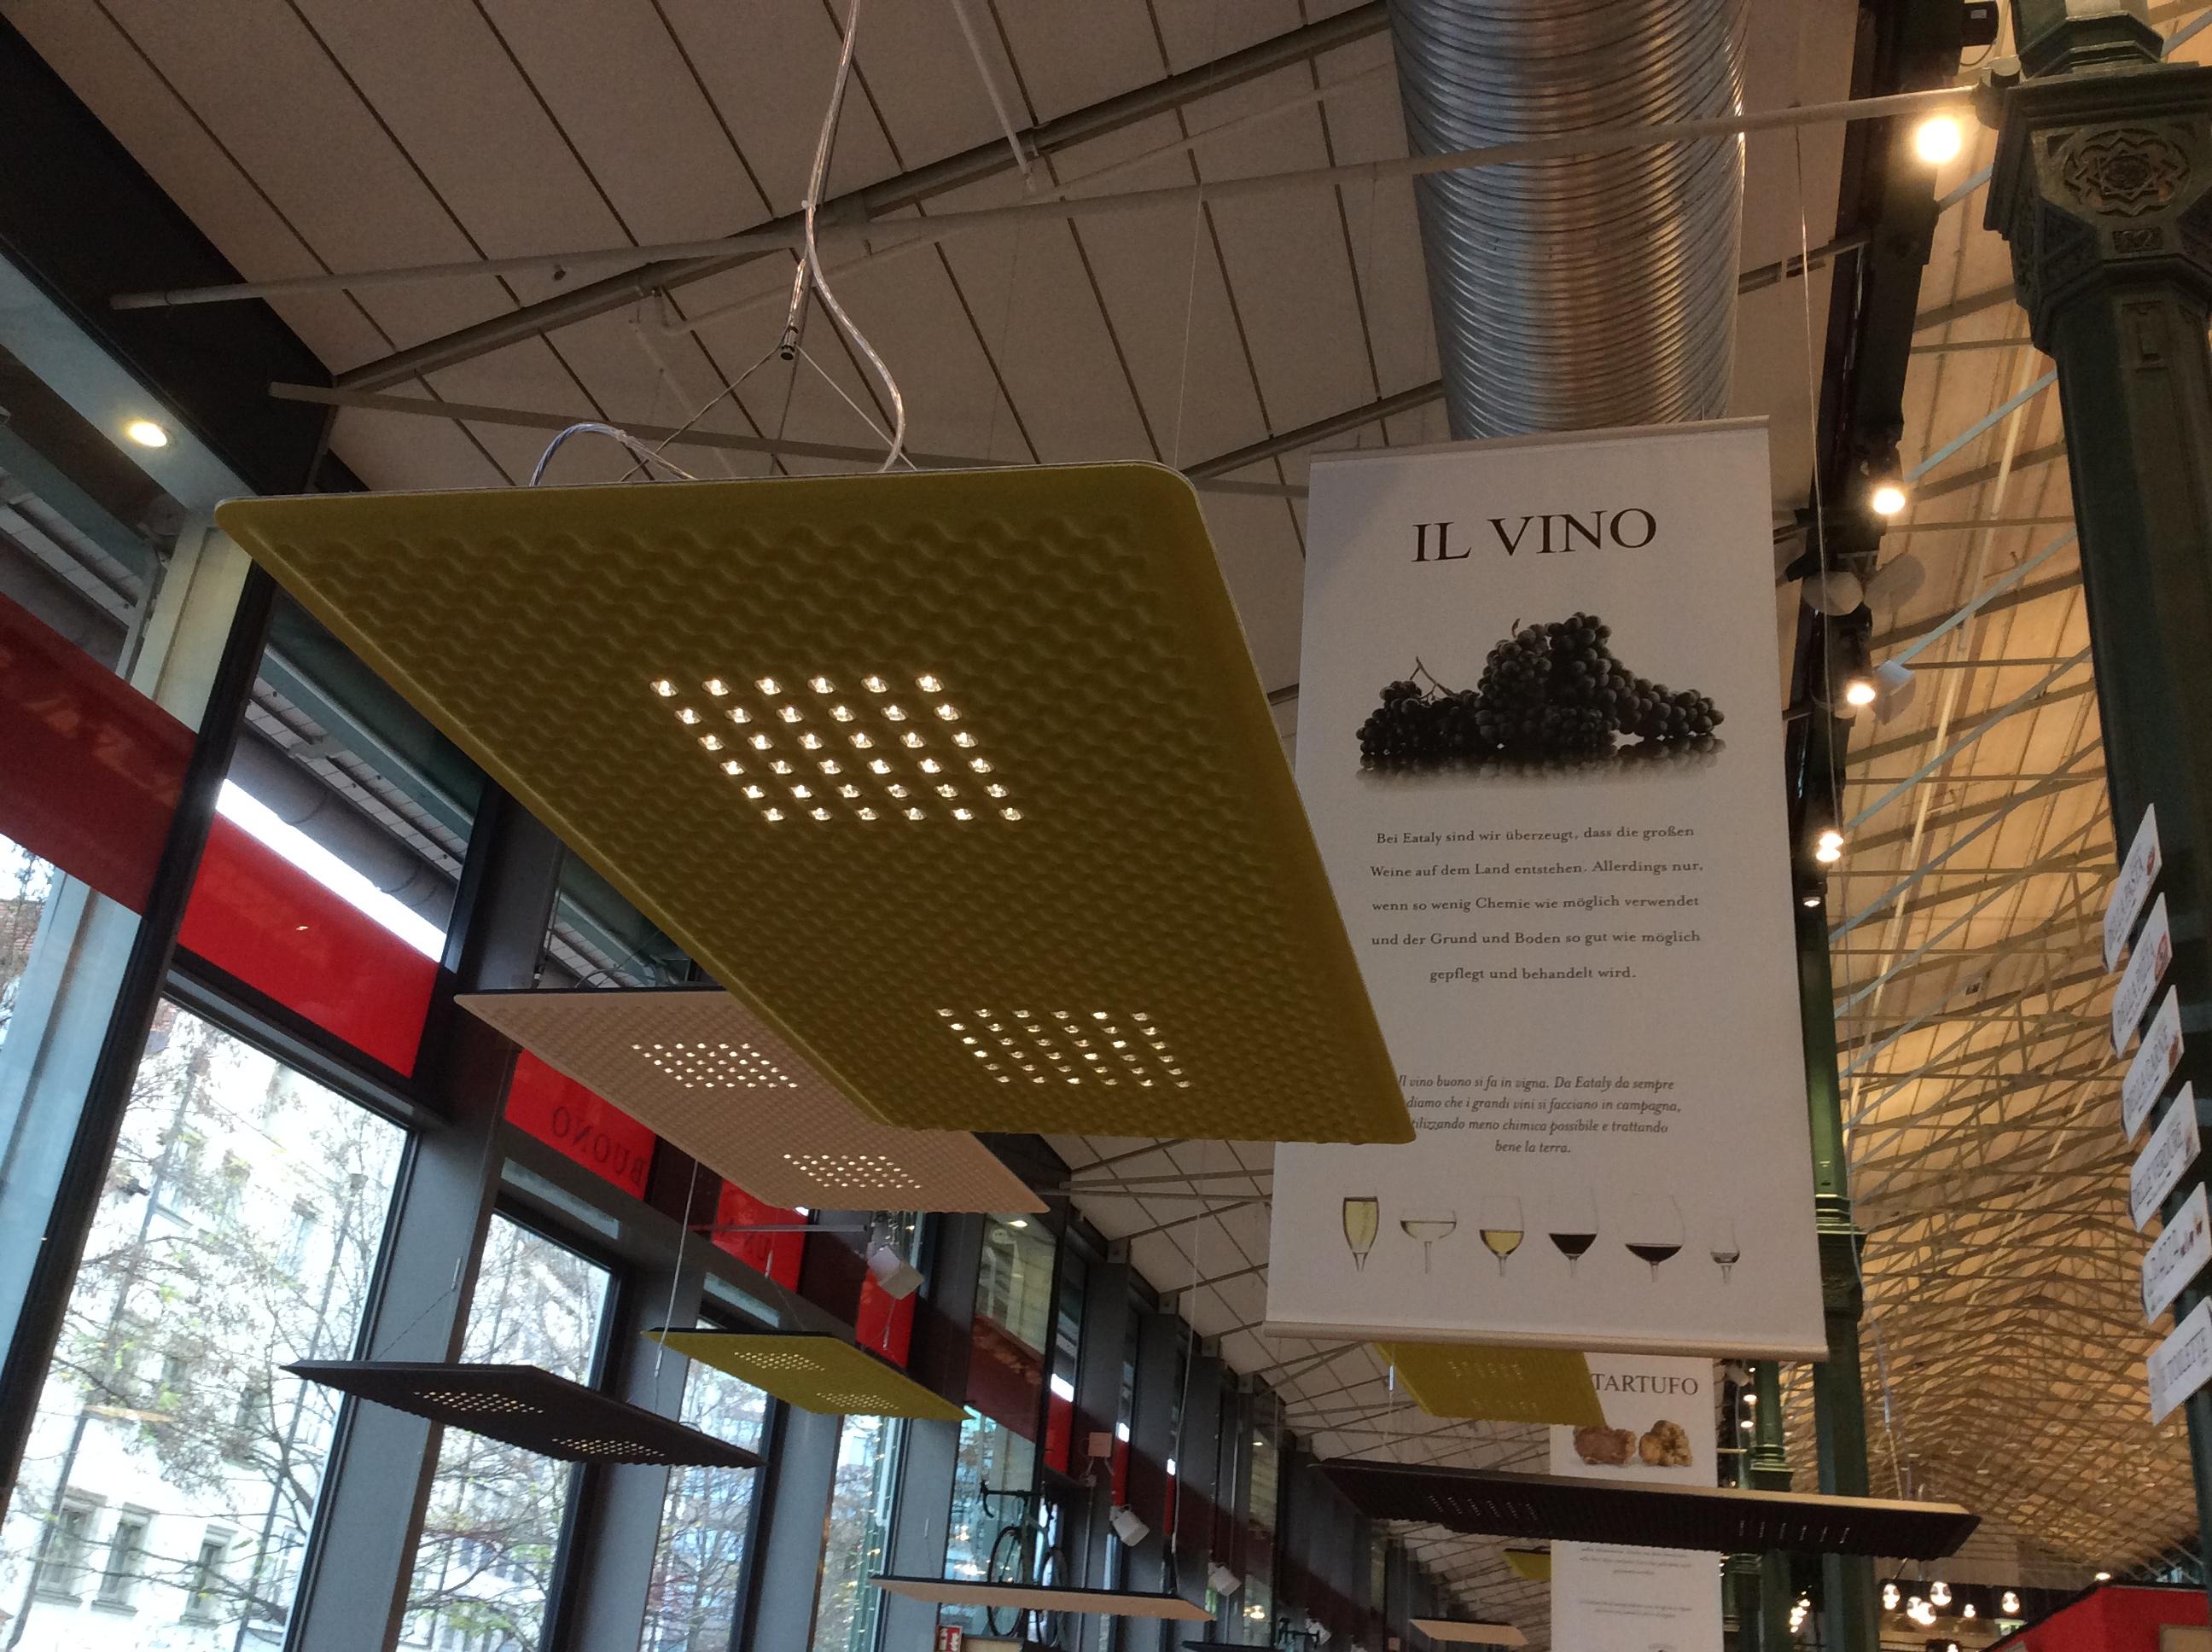 """Le sospensioni """"Eggboard"""" (design: Giovanni Giacobone, Massimo Roj) in uno dei ristoranti del primo piano (courtesy foto: Artemide)"""